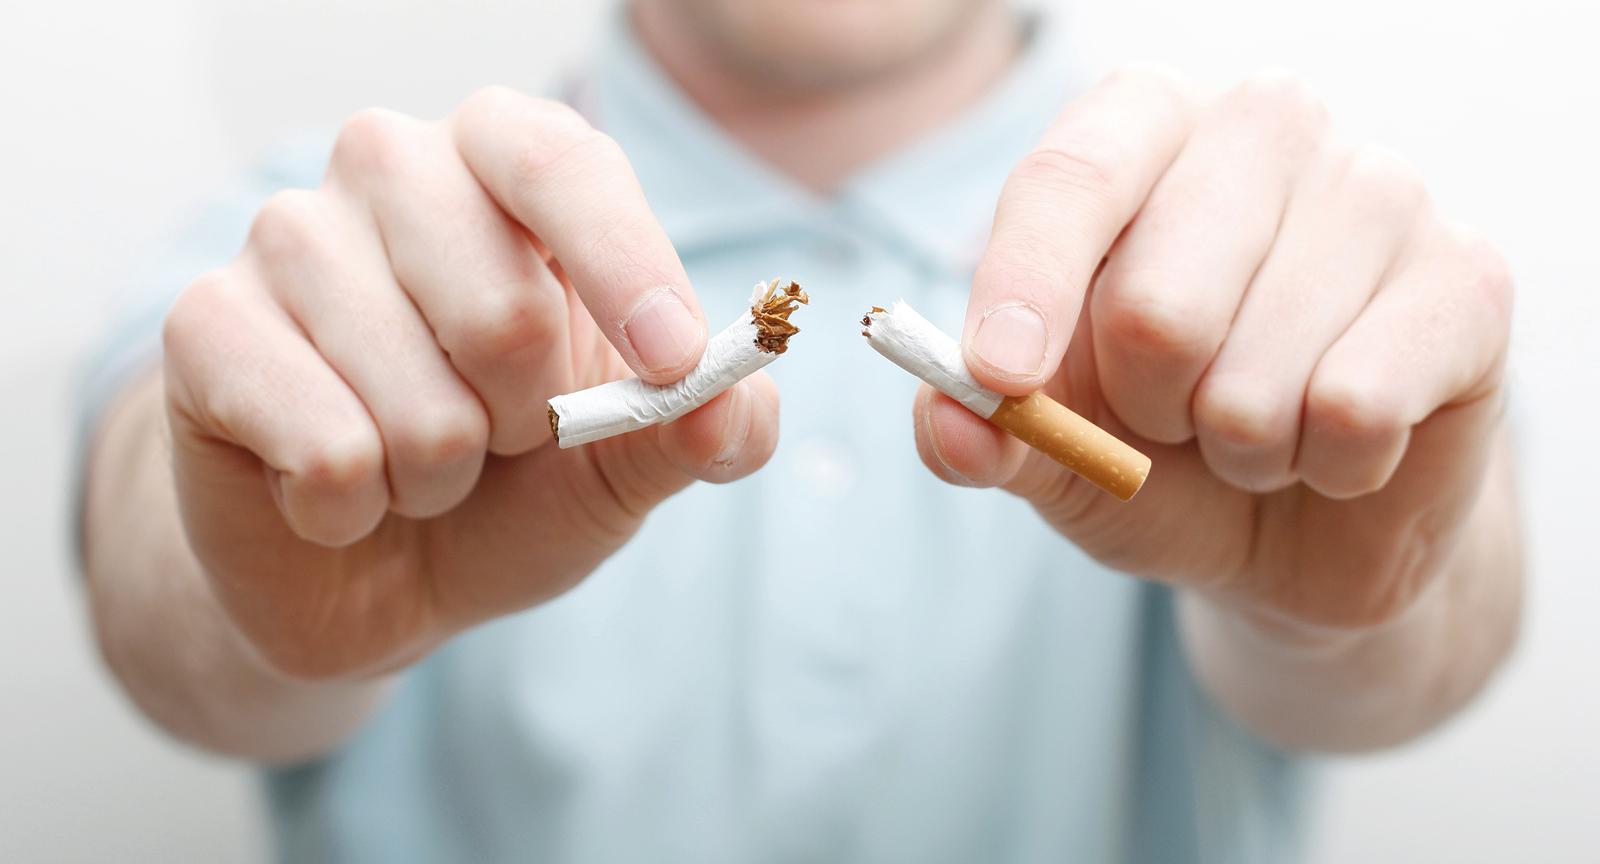 bigstock-A-hand-crushing-cigarettes-15057227 Szájüregi rák: ha időben kiderül, gyógyítható!